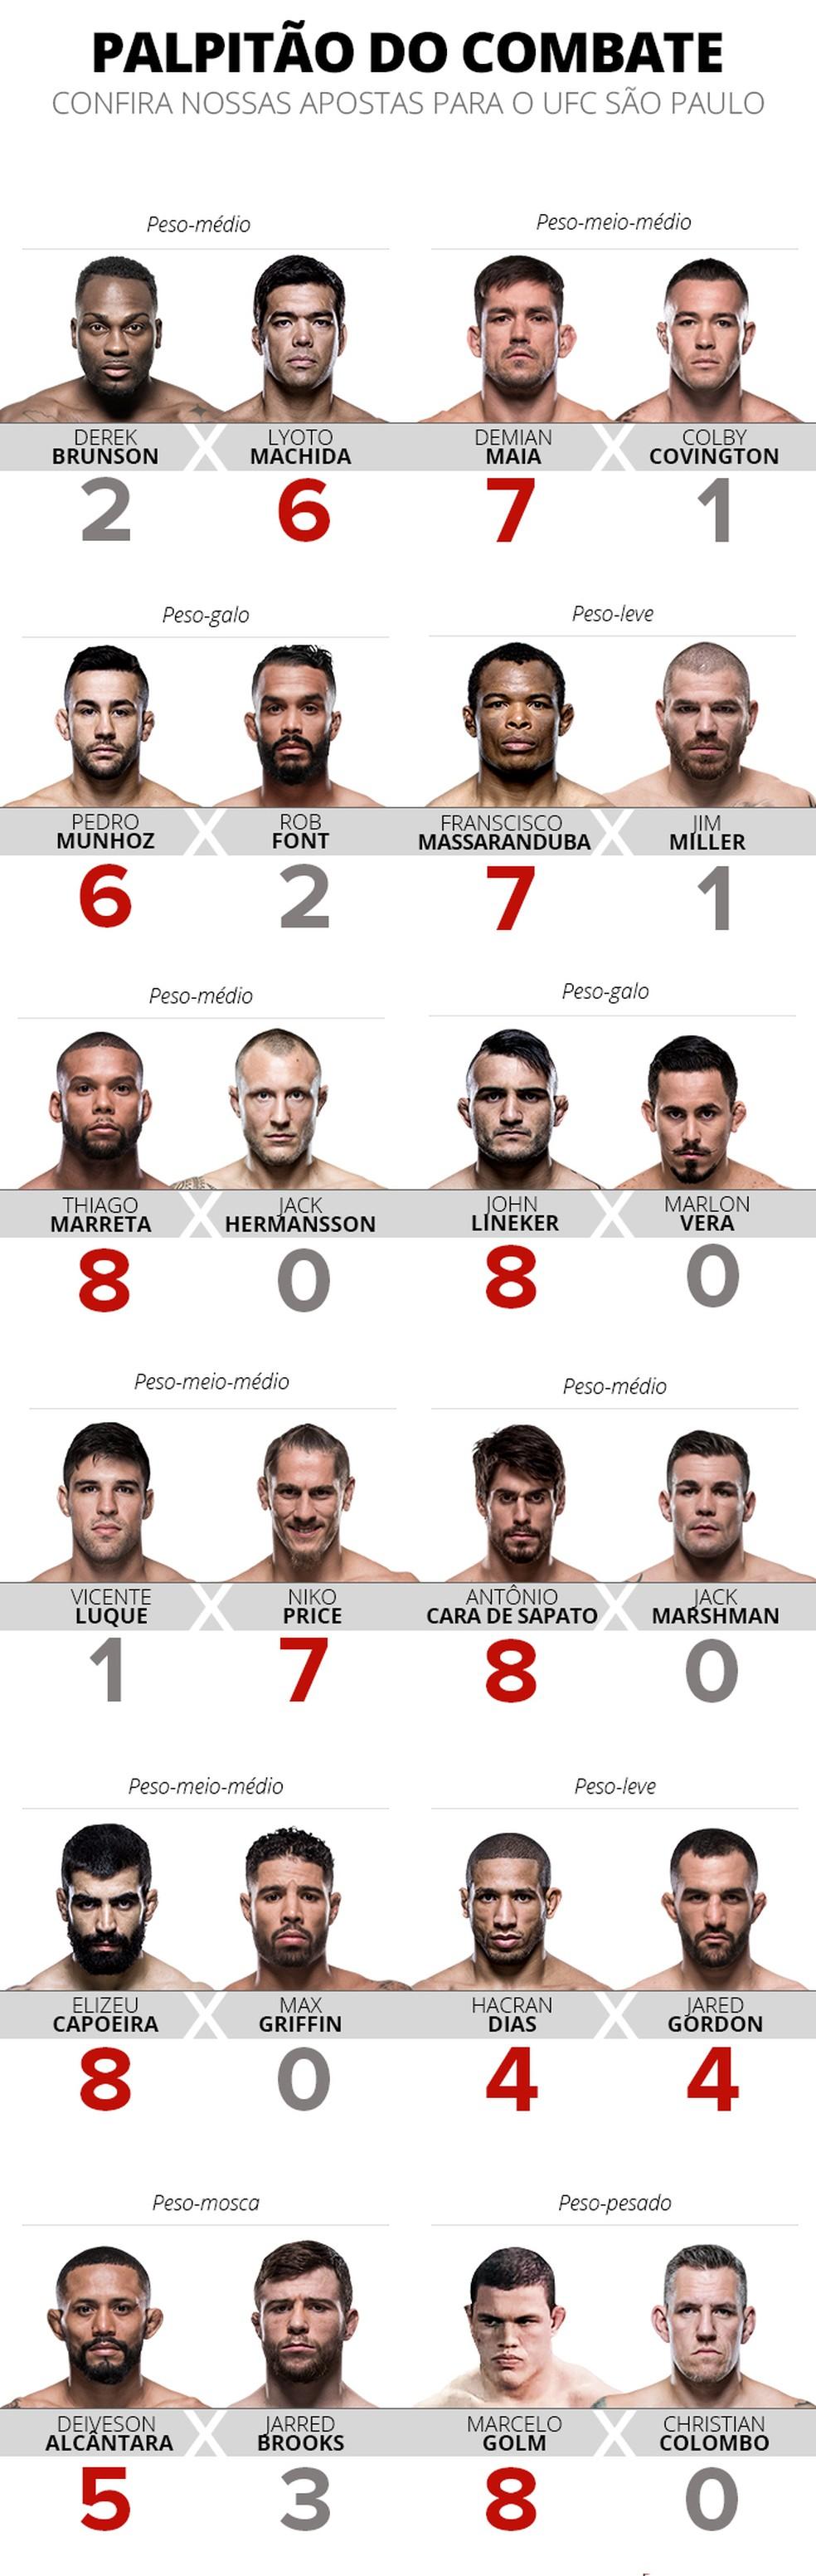 Info Palpitão Combate UFC São Paulo (Foto: Infoesporte)